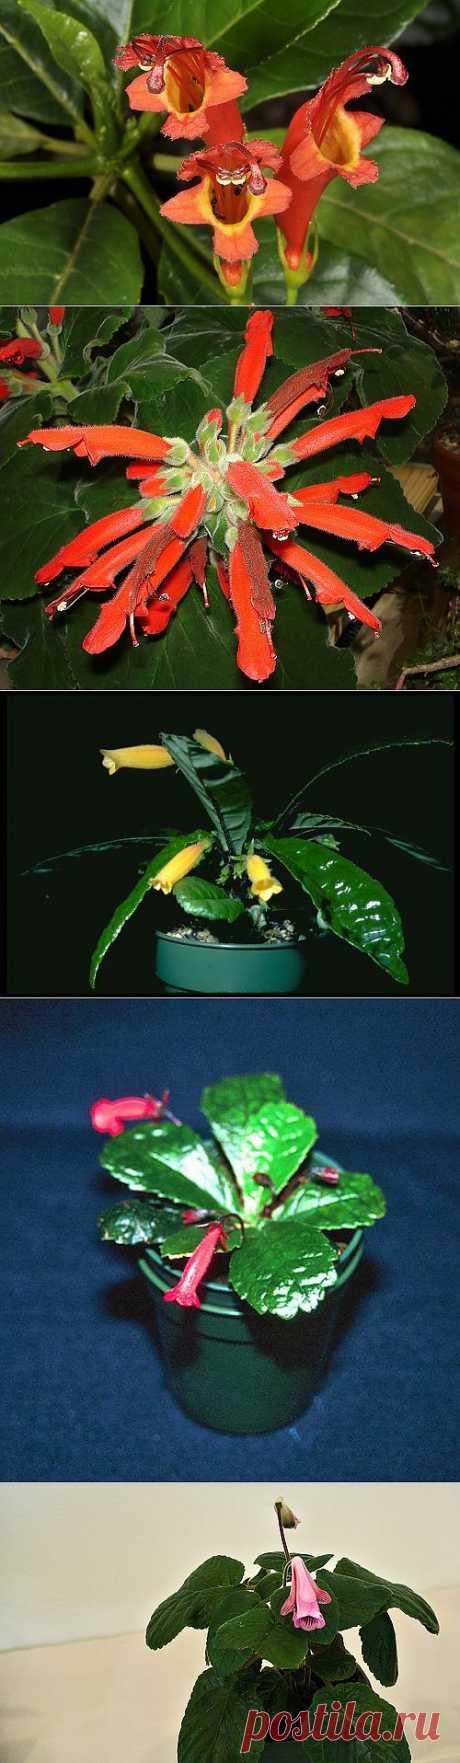 Геснерия - виды, уход, размножение   GreenHome